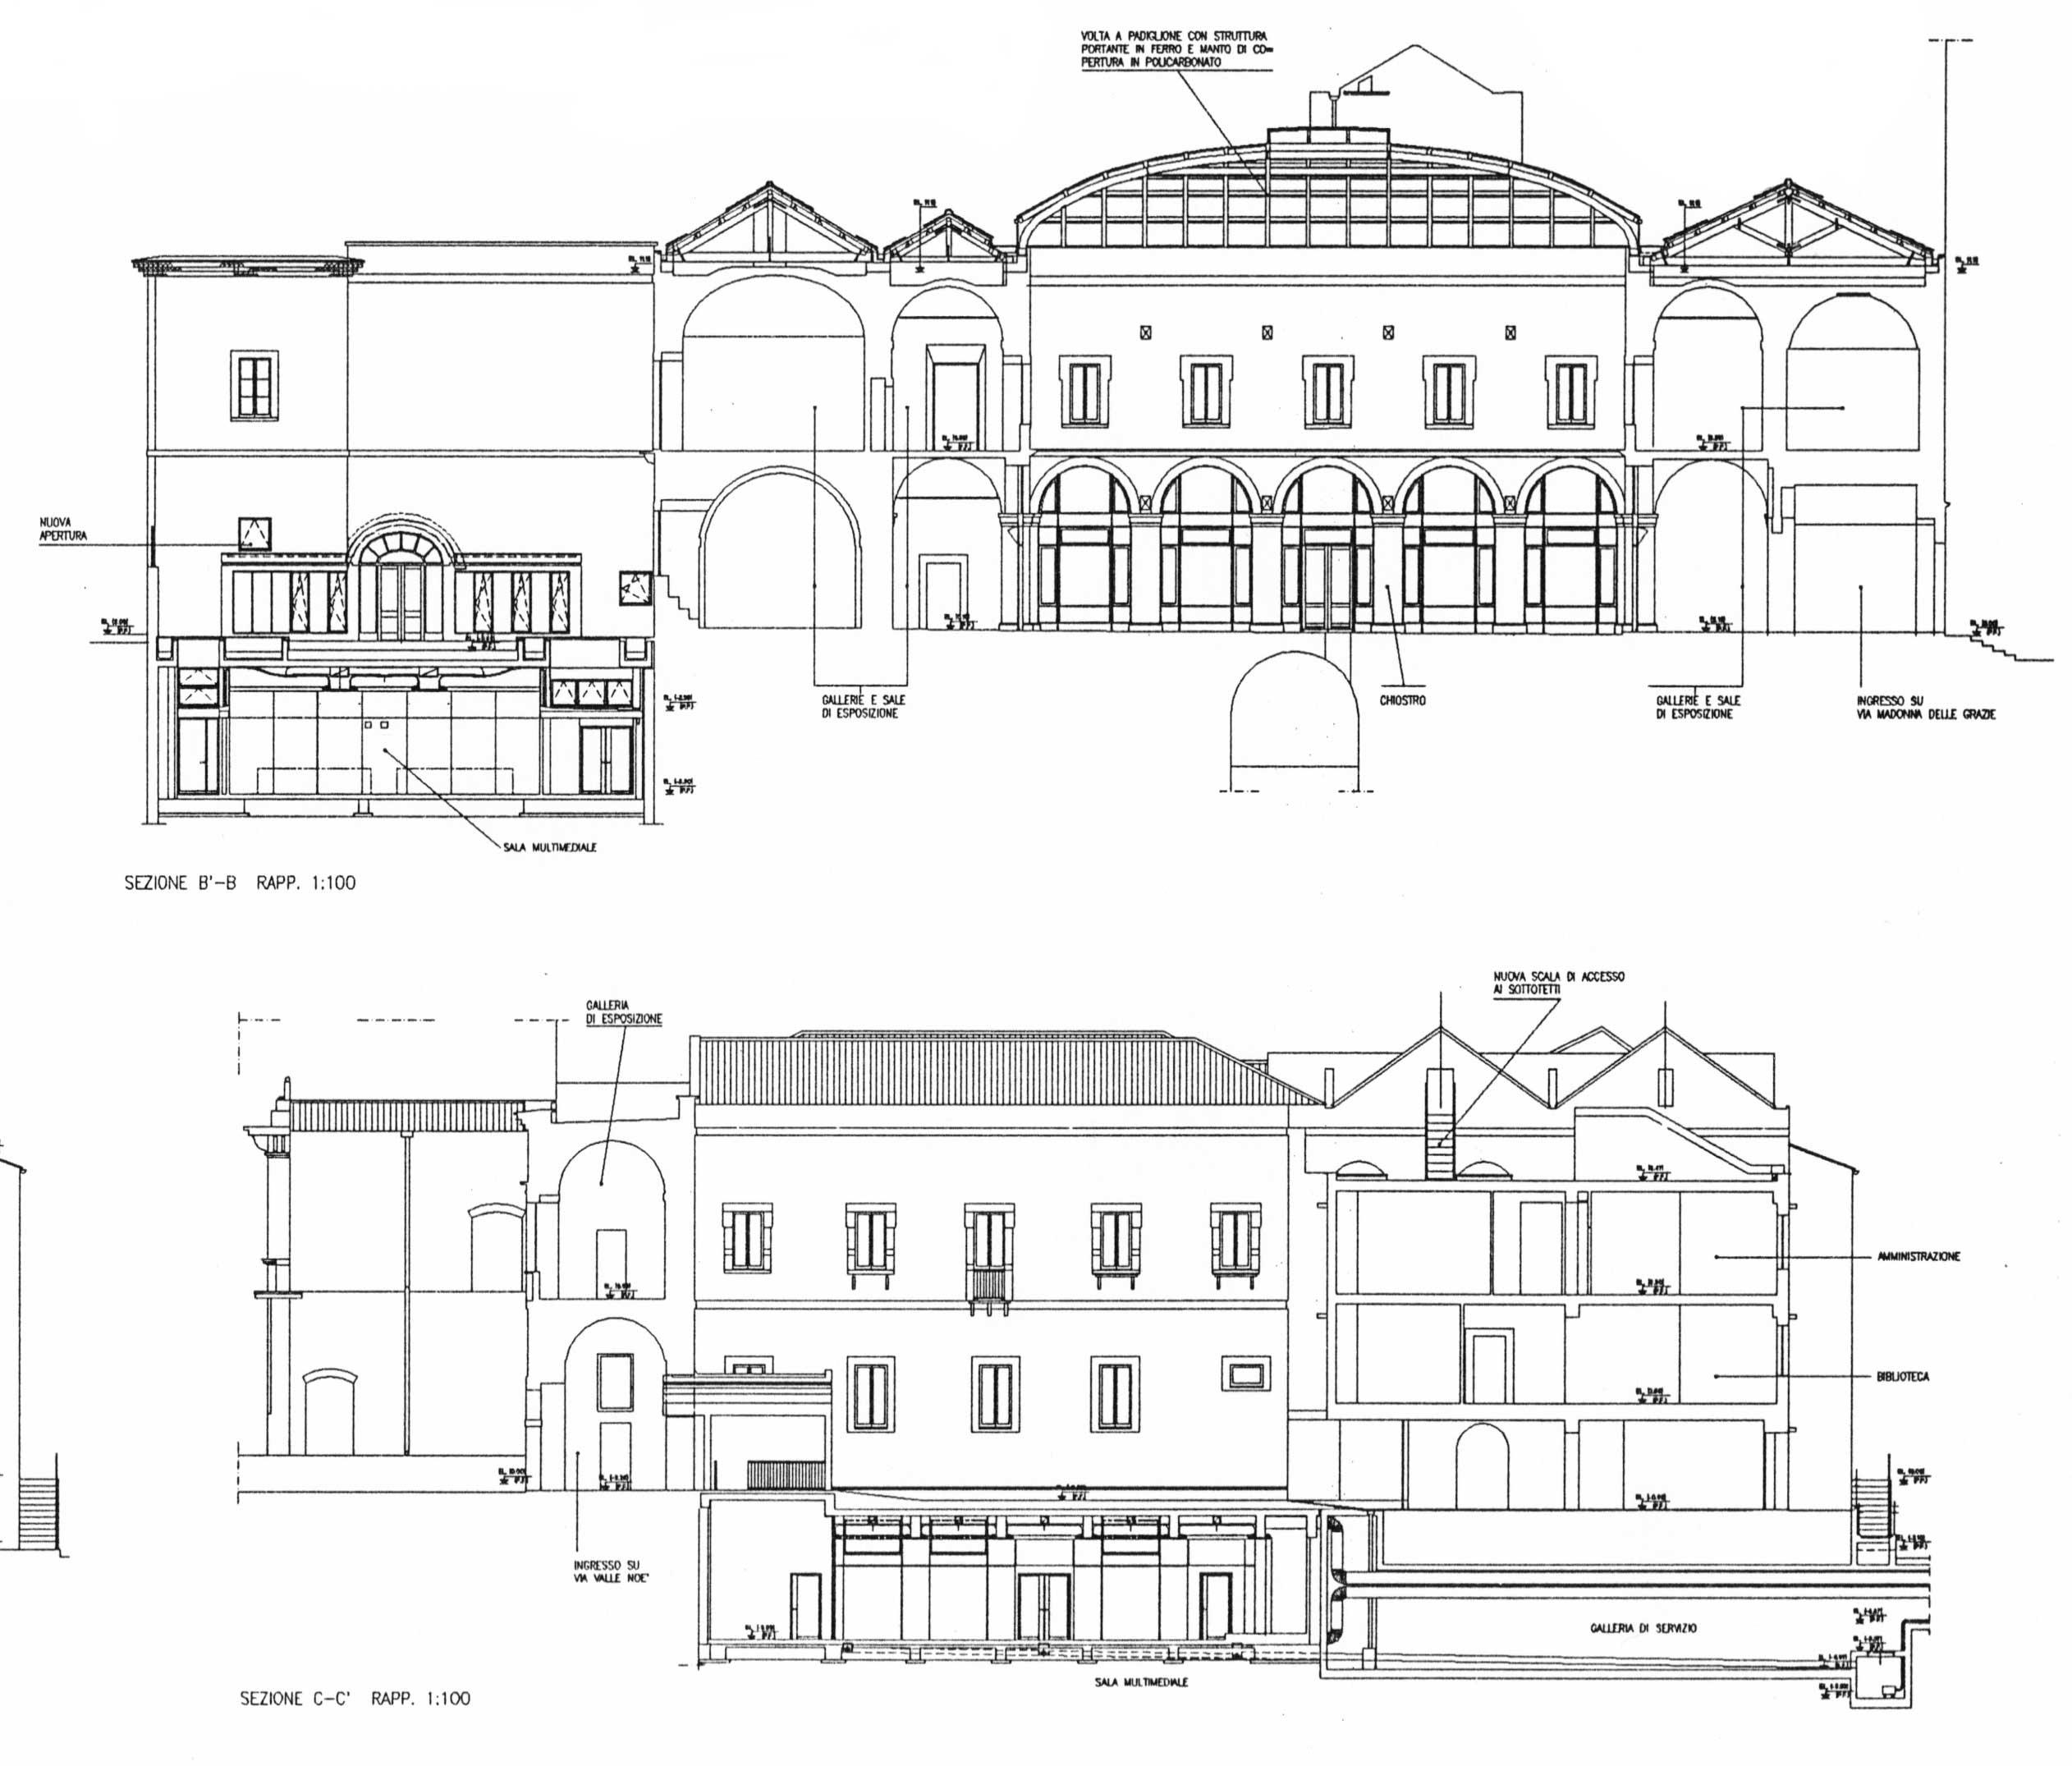 20 - Progetto di restauro, recupero funzionale e strutturale e arredamento dell'ex convento dei Padri domenicani da adibirsi a Pinacoteca comunale, Ruvo di Puglia (BA) - Piante